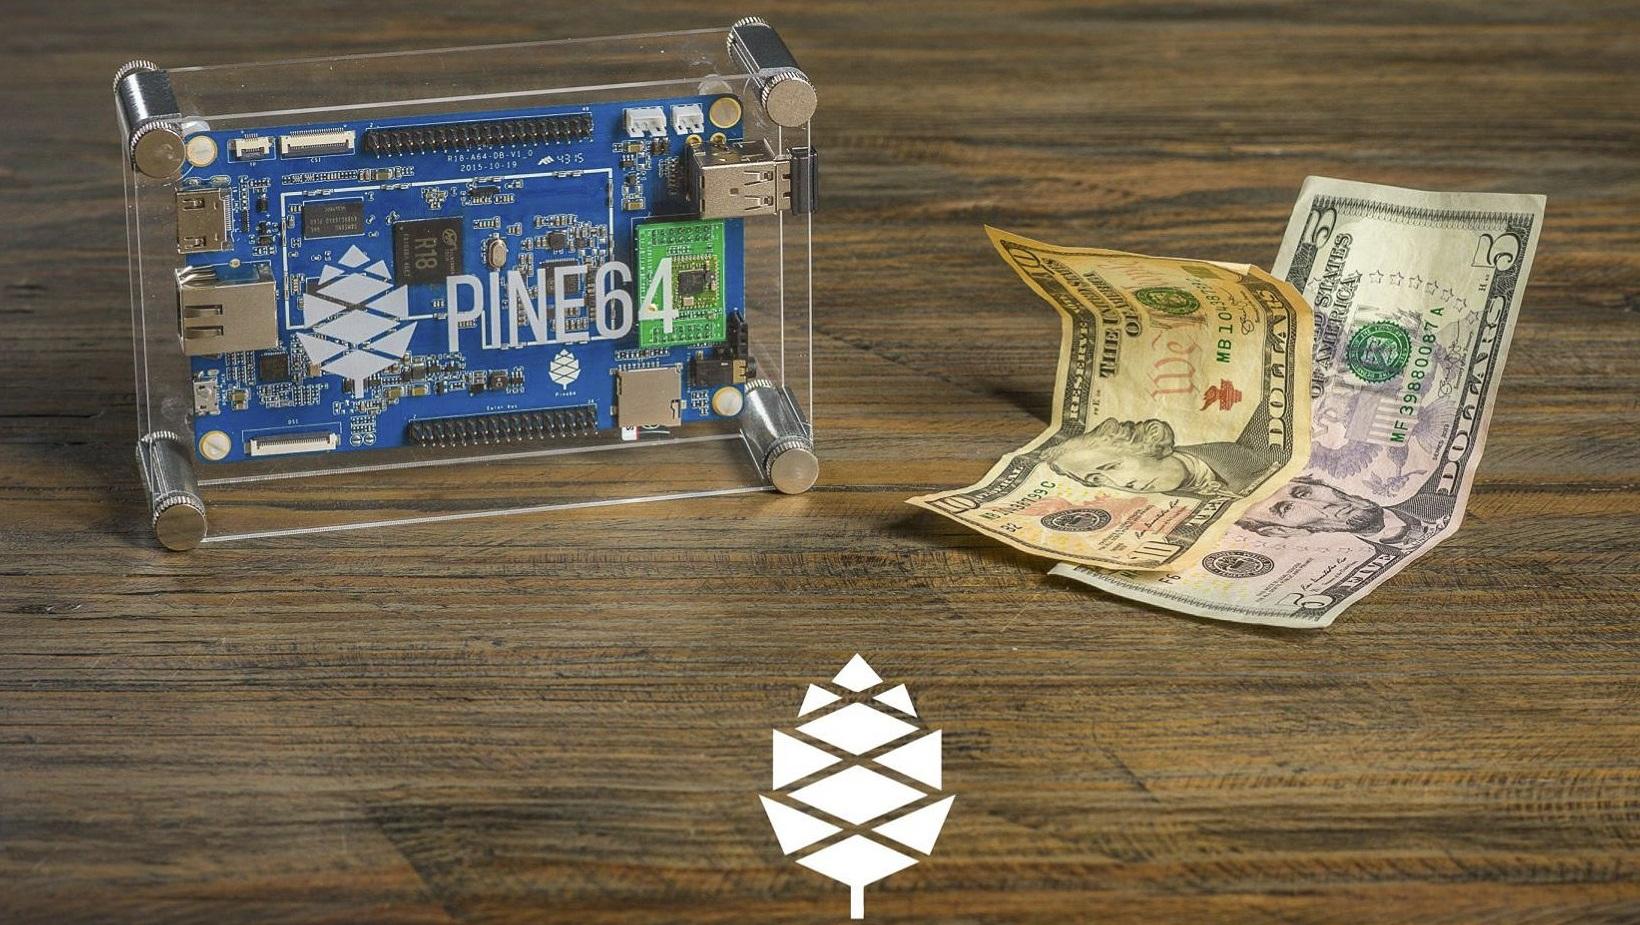 Pine A64: Ordenador x64 por 14€ con Android 5.1 capaz de mover 4K